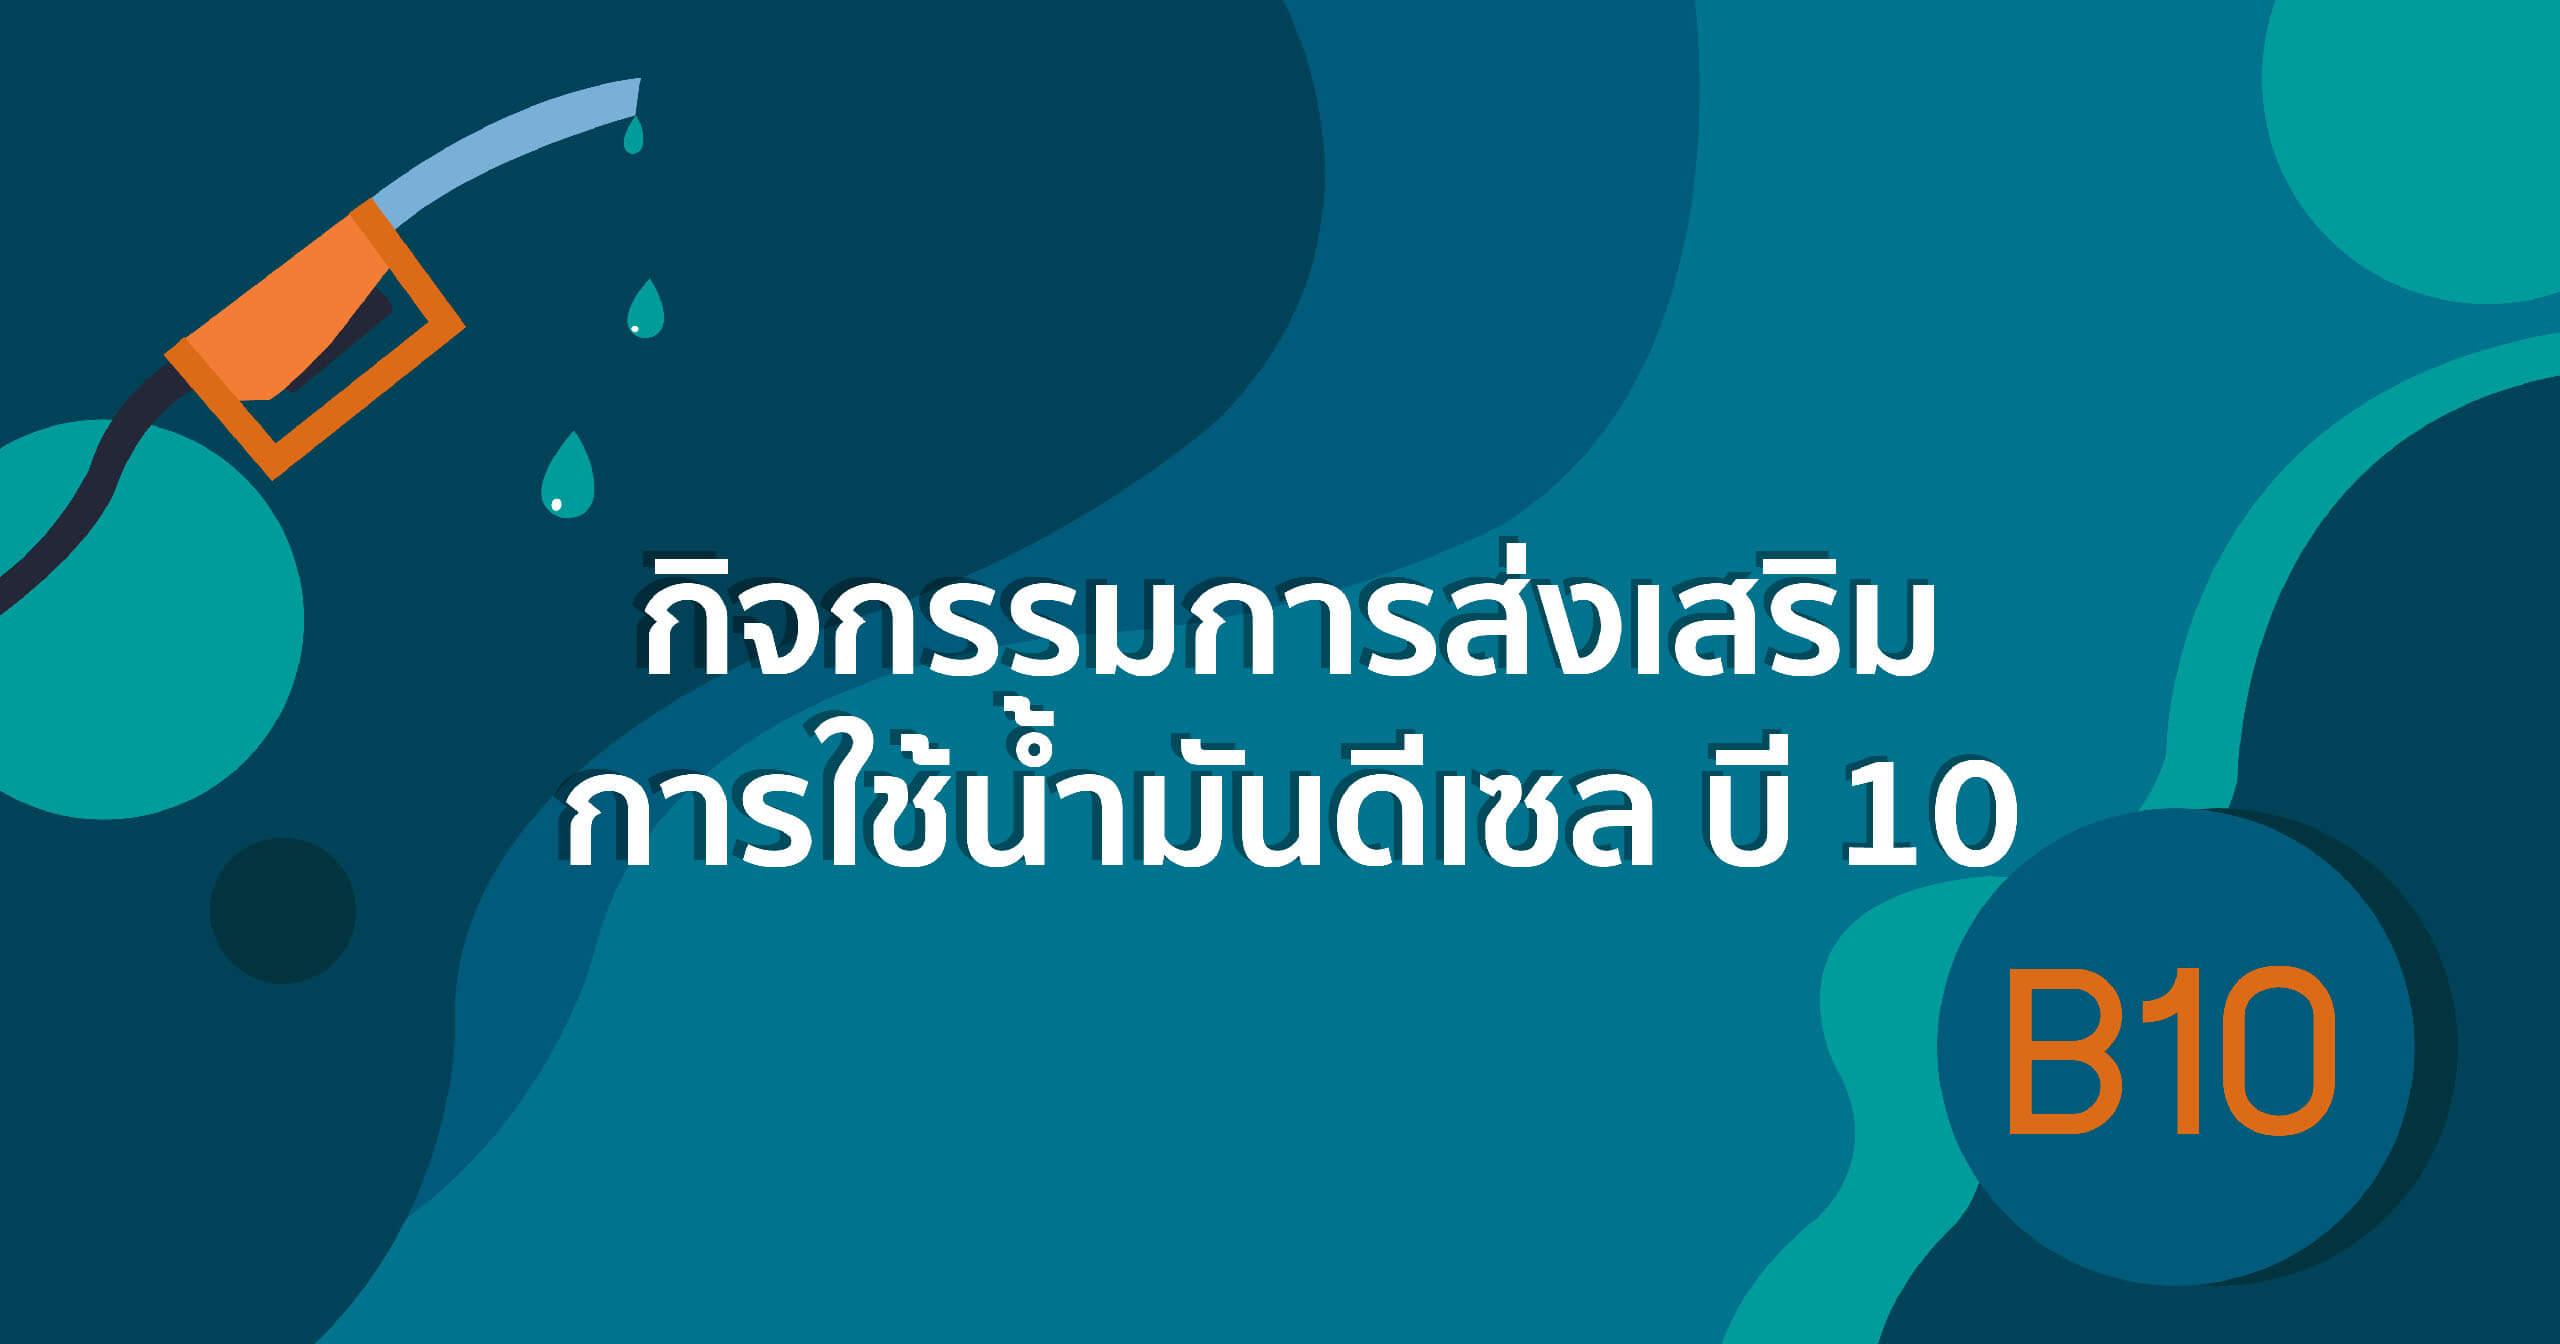 กิจกรรมส่งเสริมการใช้น้ำมันดีเซลบี10 TAIA สมาคมอุตสาหกรรมยานยนต์ไทย